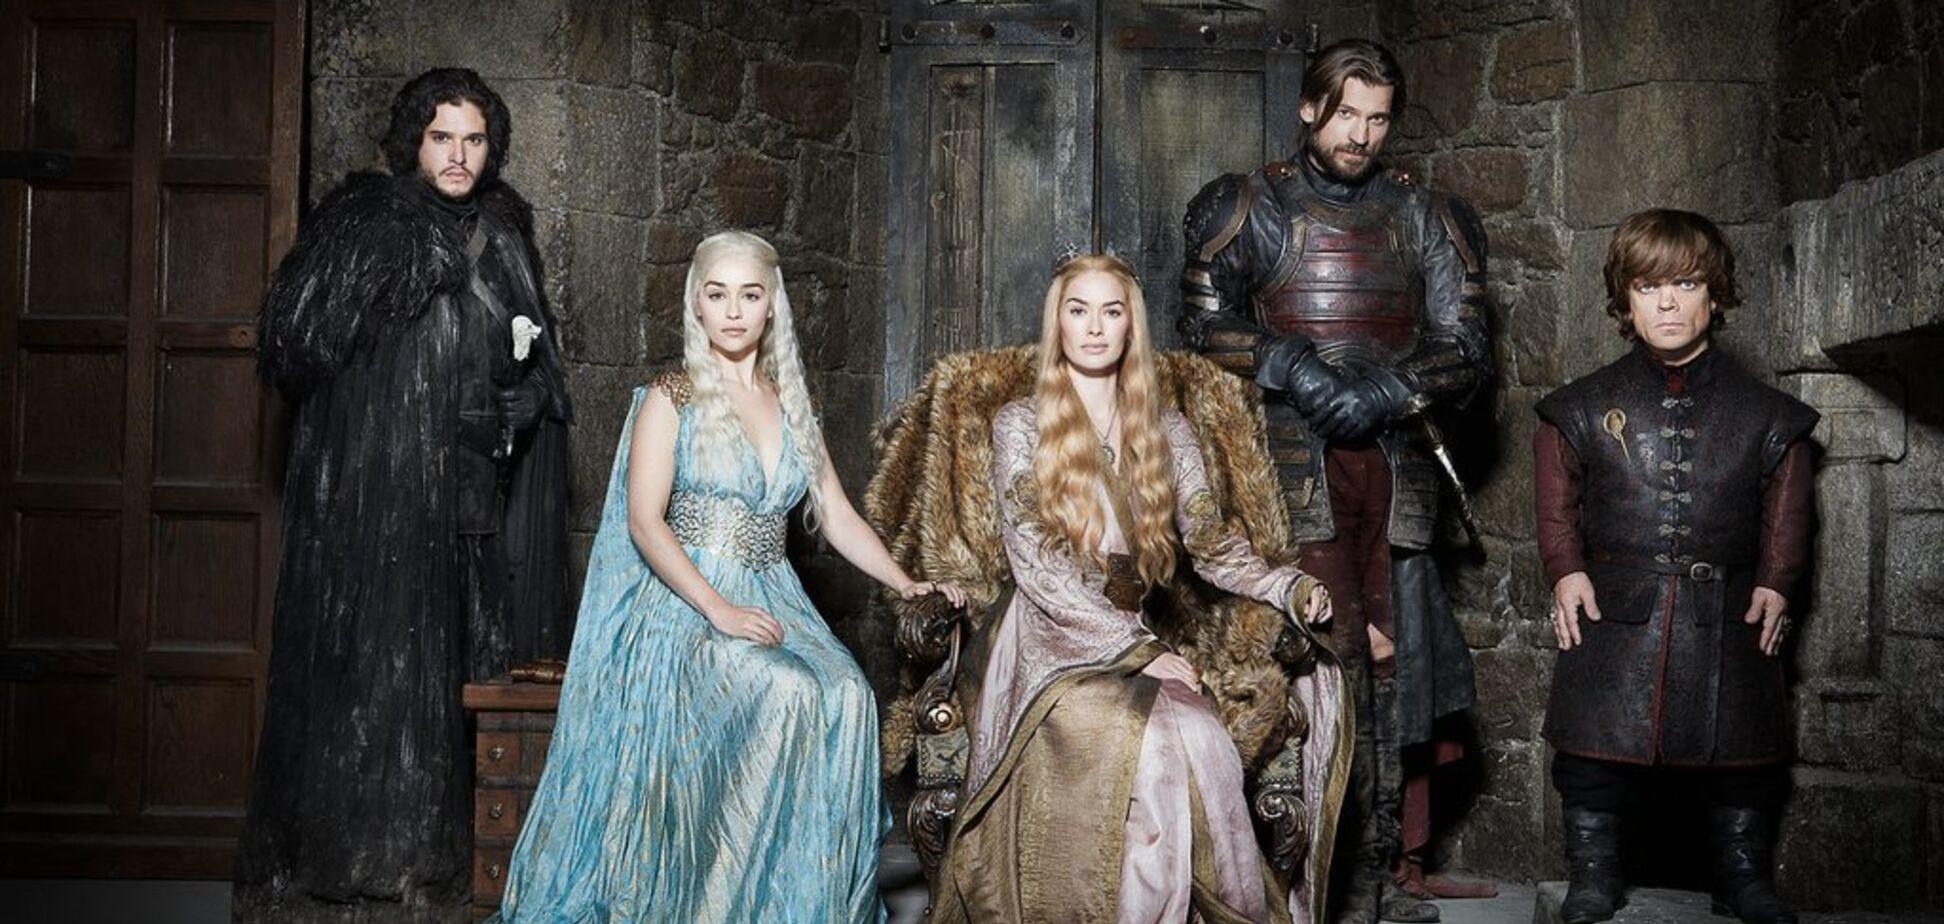 Звезда ''Игры престолов'' проговорился о смерти главного героя сериала